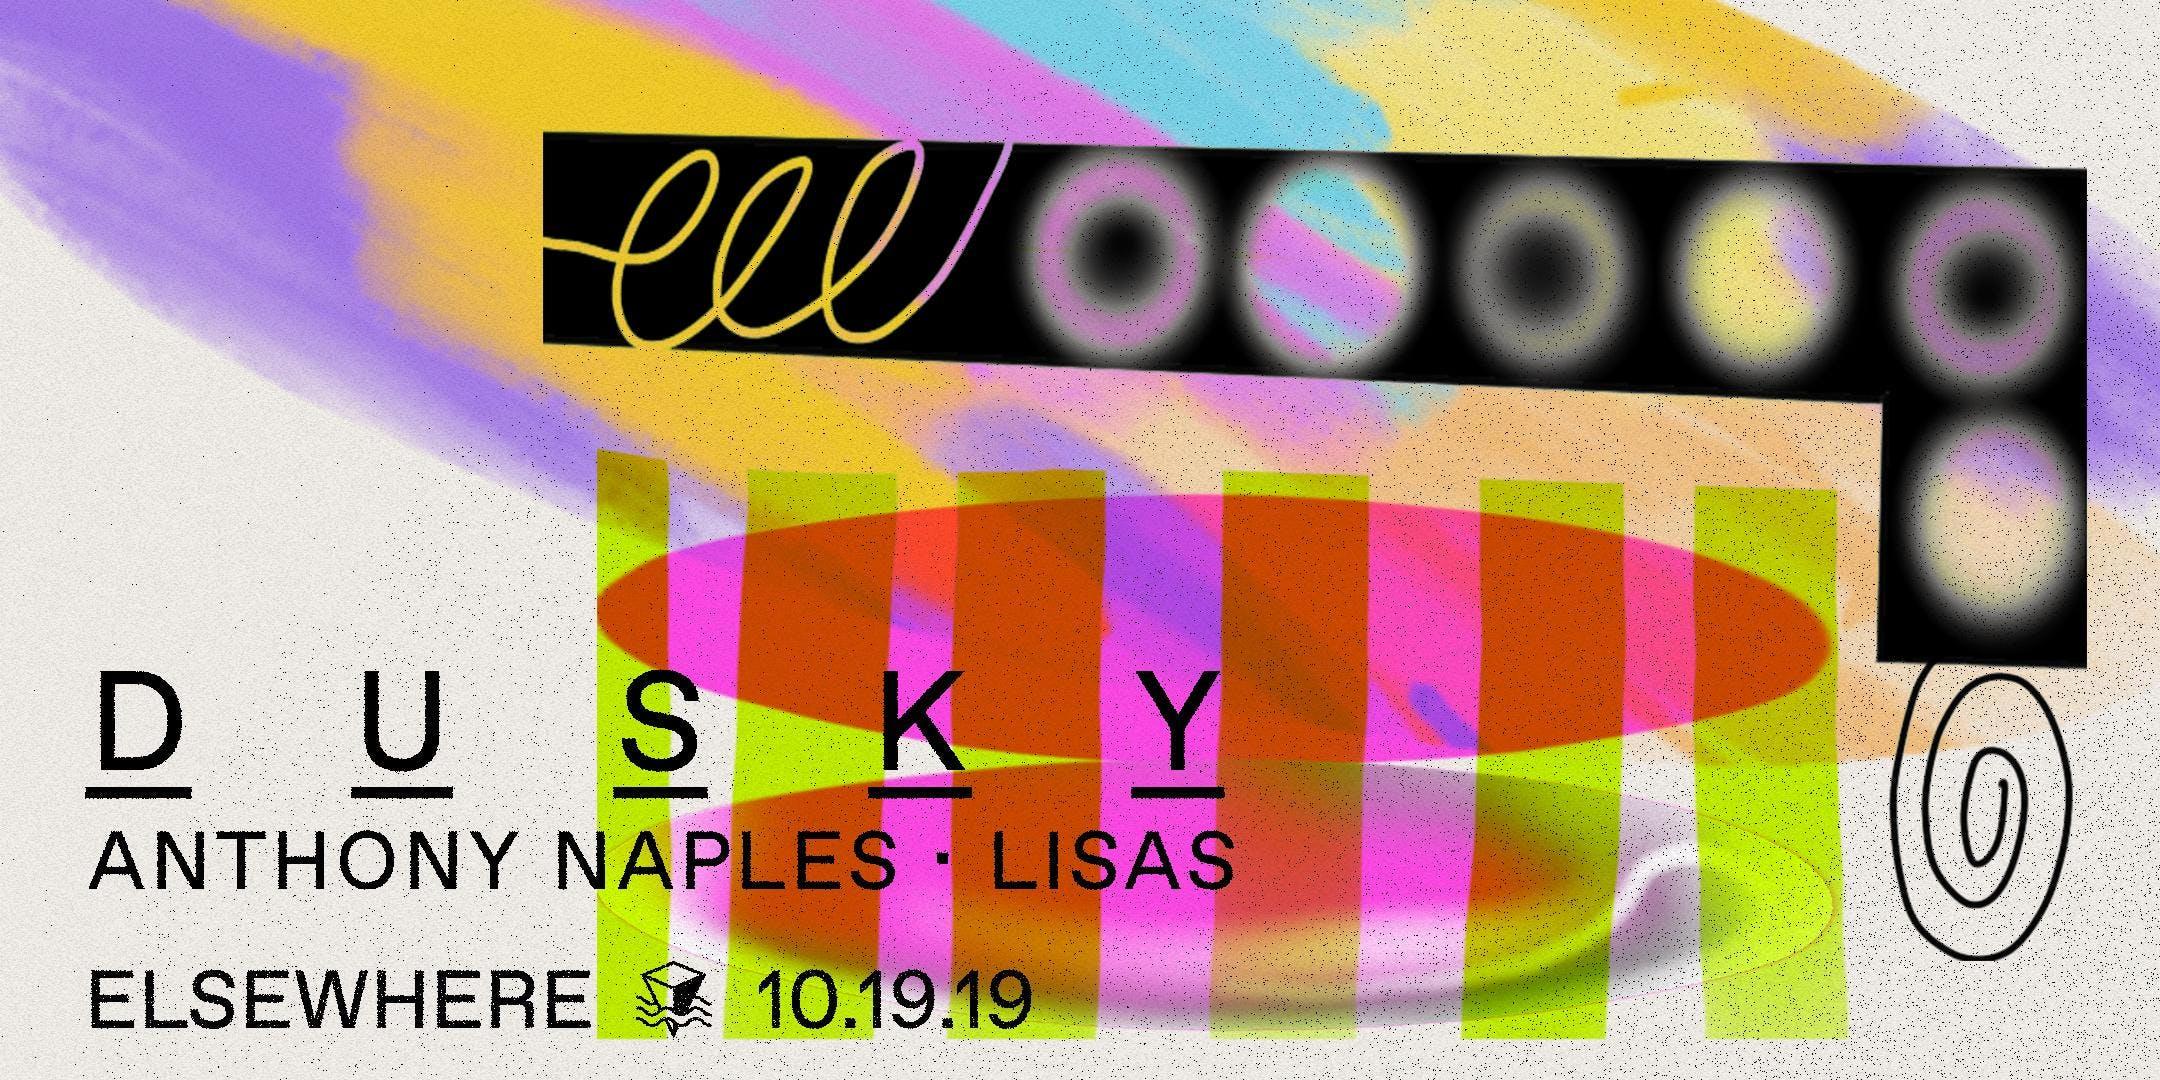 Dusky, Anthony Naples & LISAS